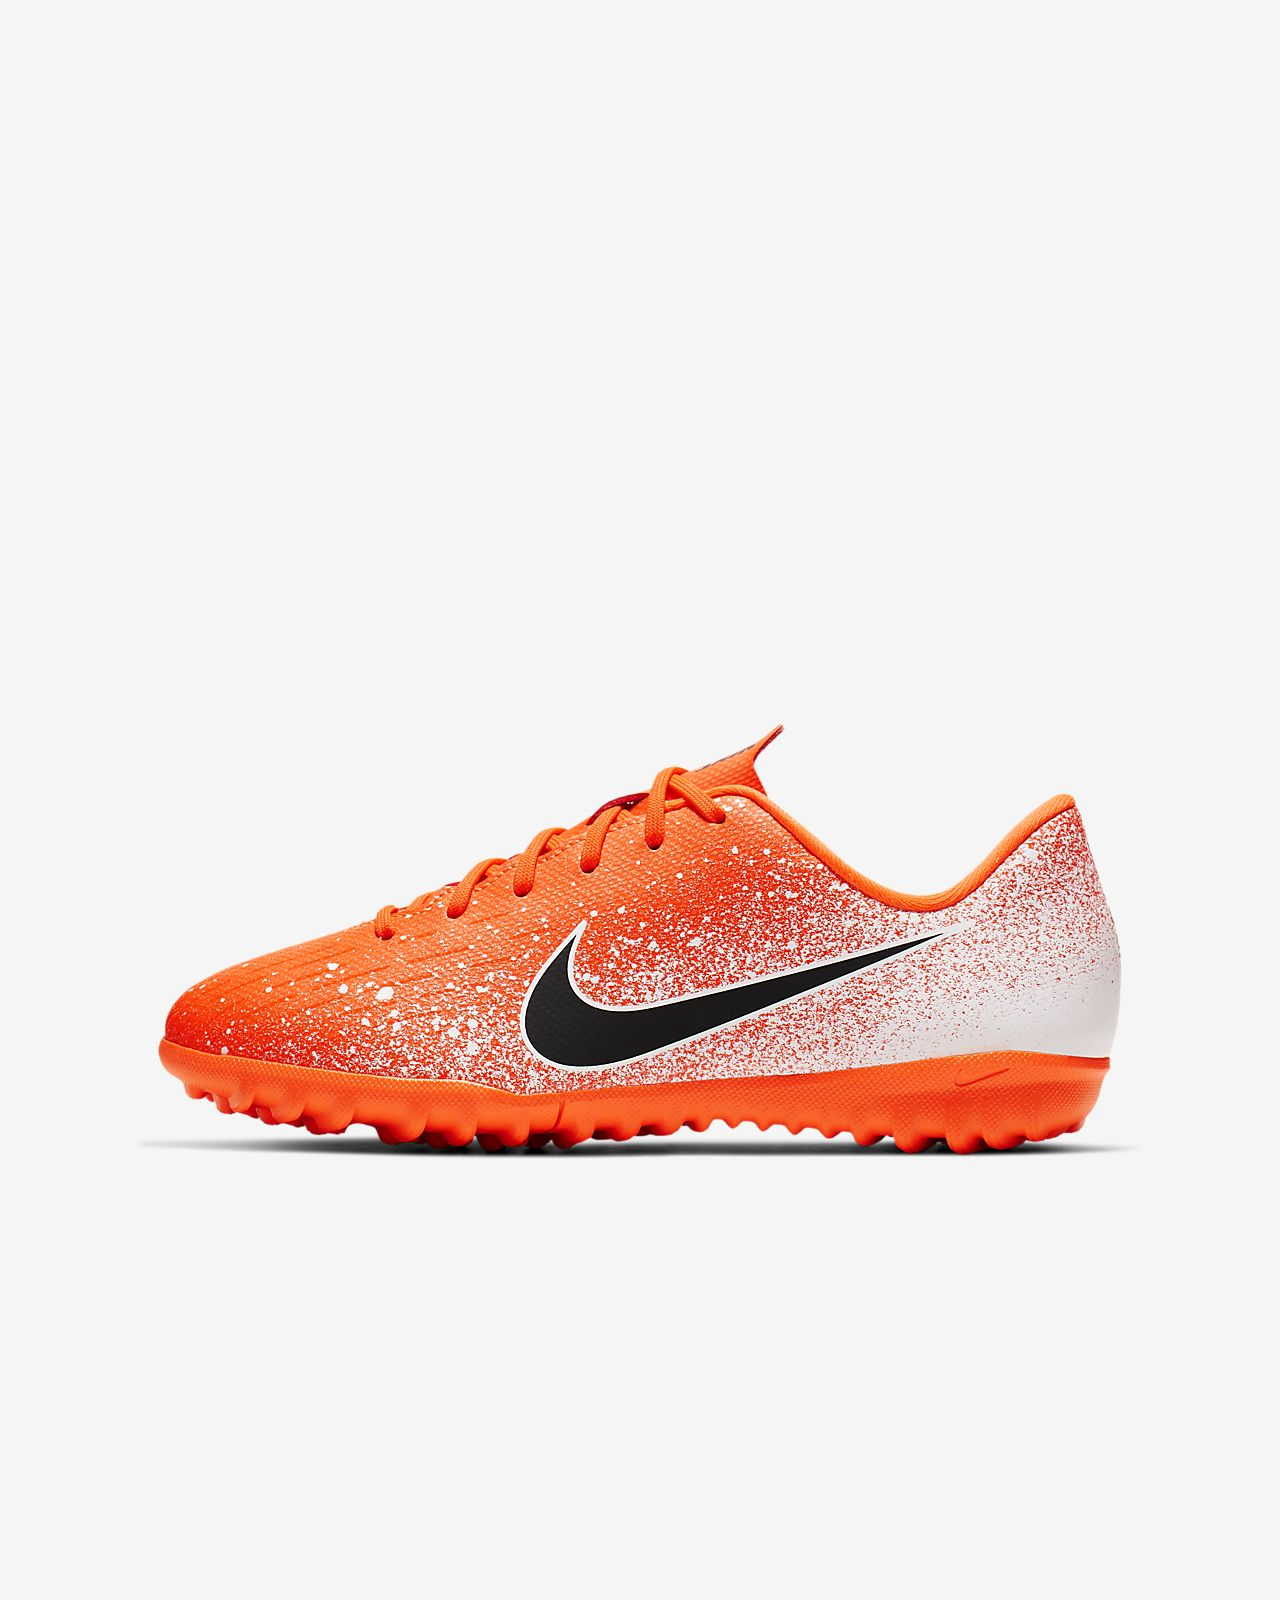 Nike Jr. Vapor 12 Academy TF Voetbalschoen voor kleuters/kids (turf)